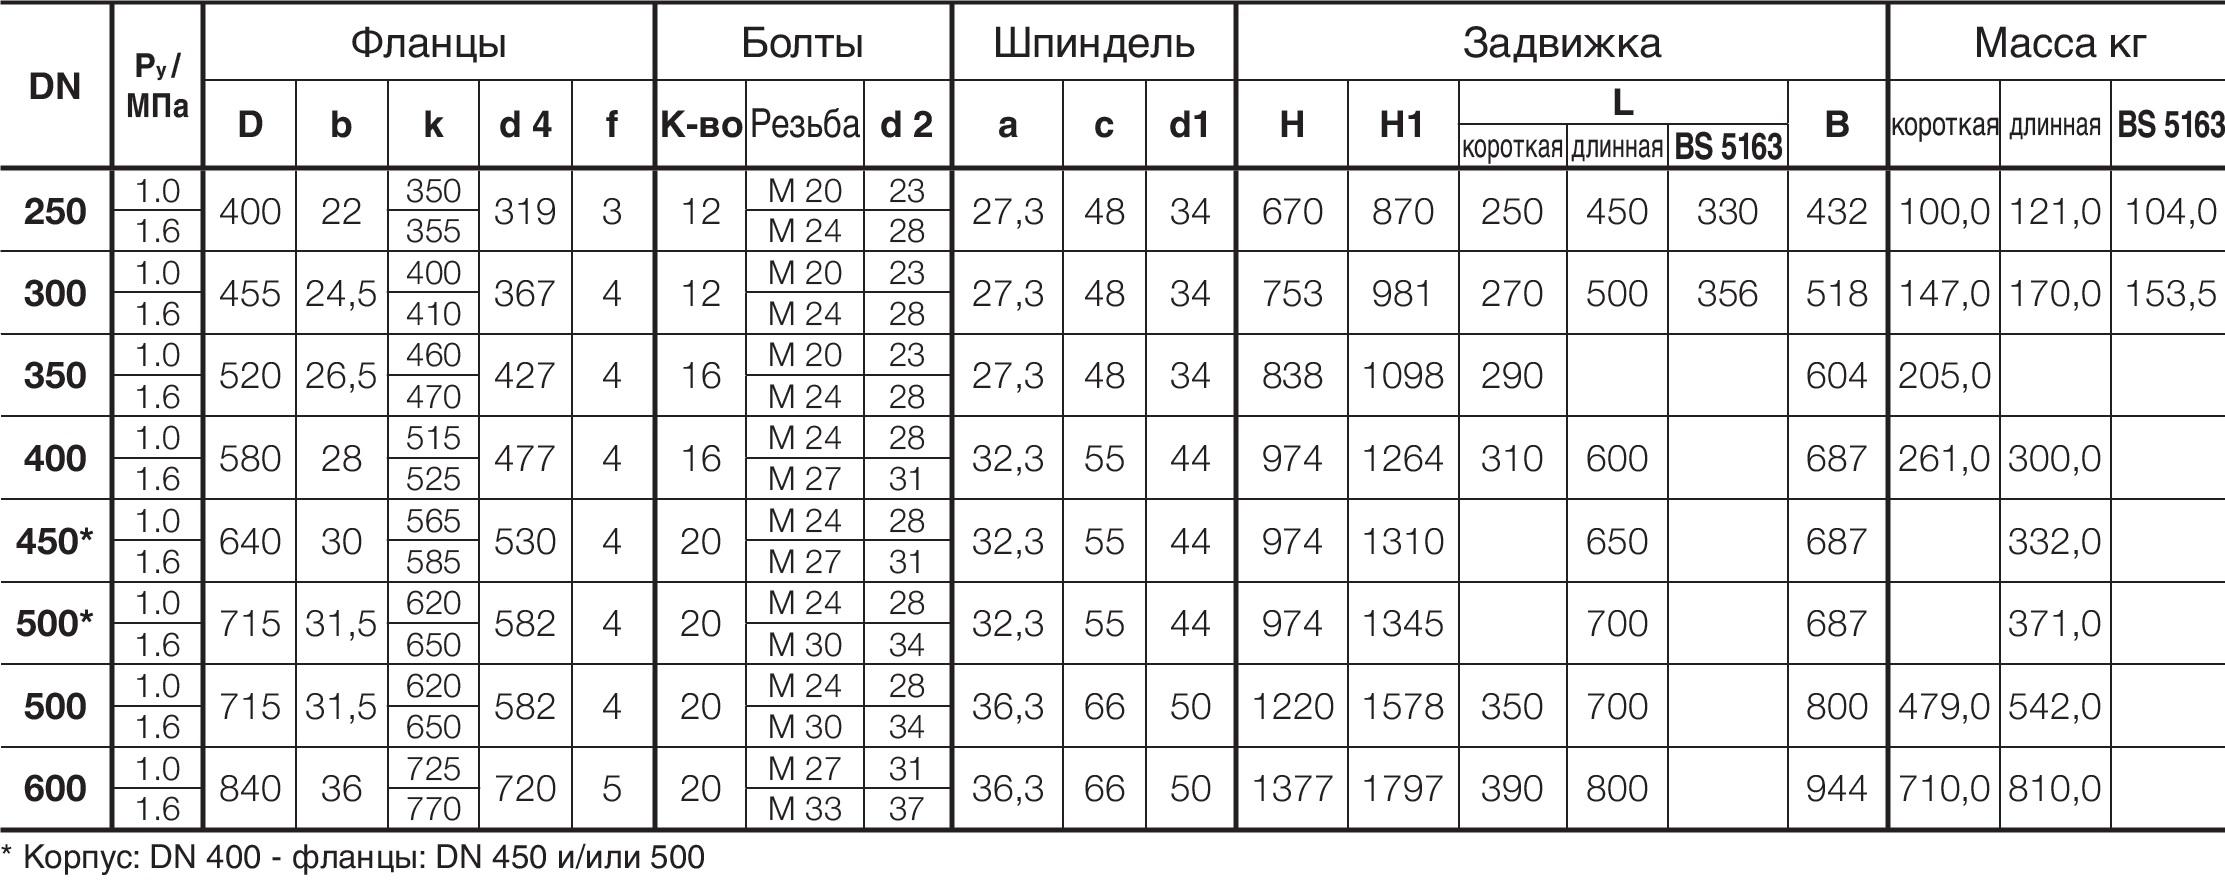 Таблица характеристик для Задвижка клиновая чугунная фланцевая Hawle 4000E2 DN80 PN16